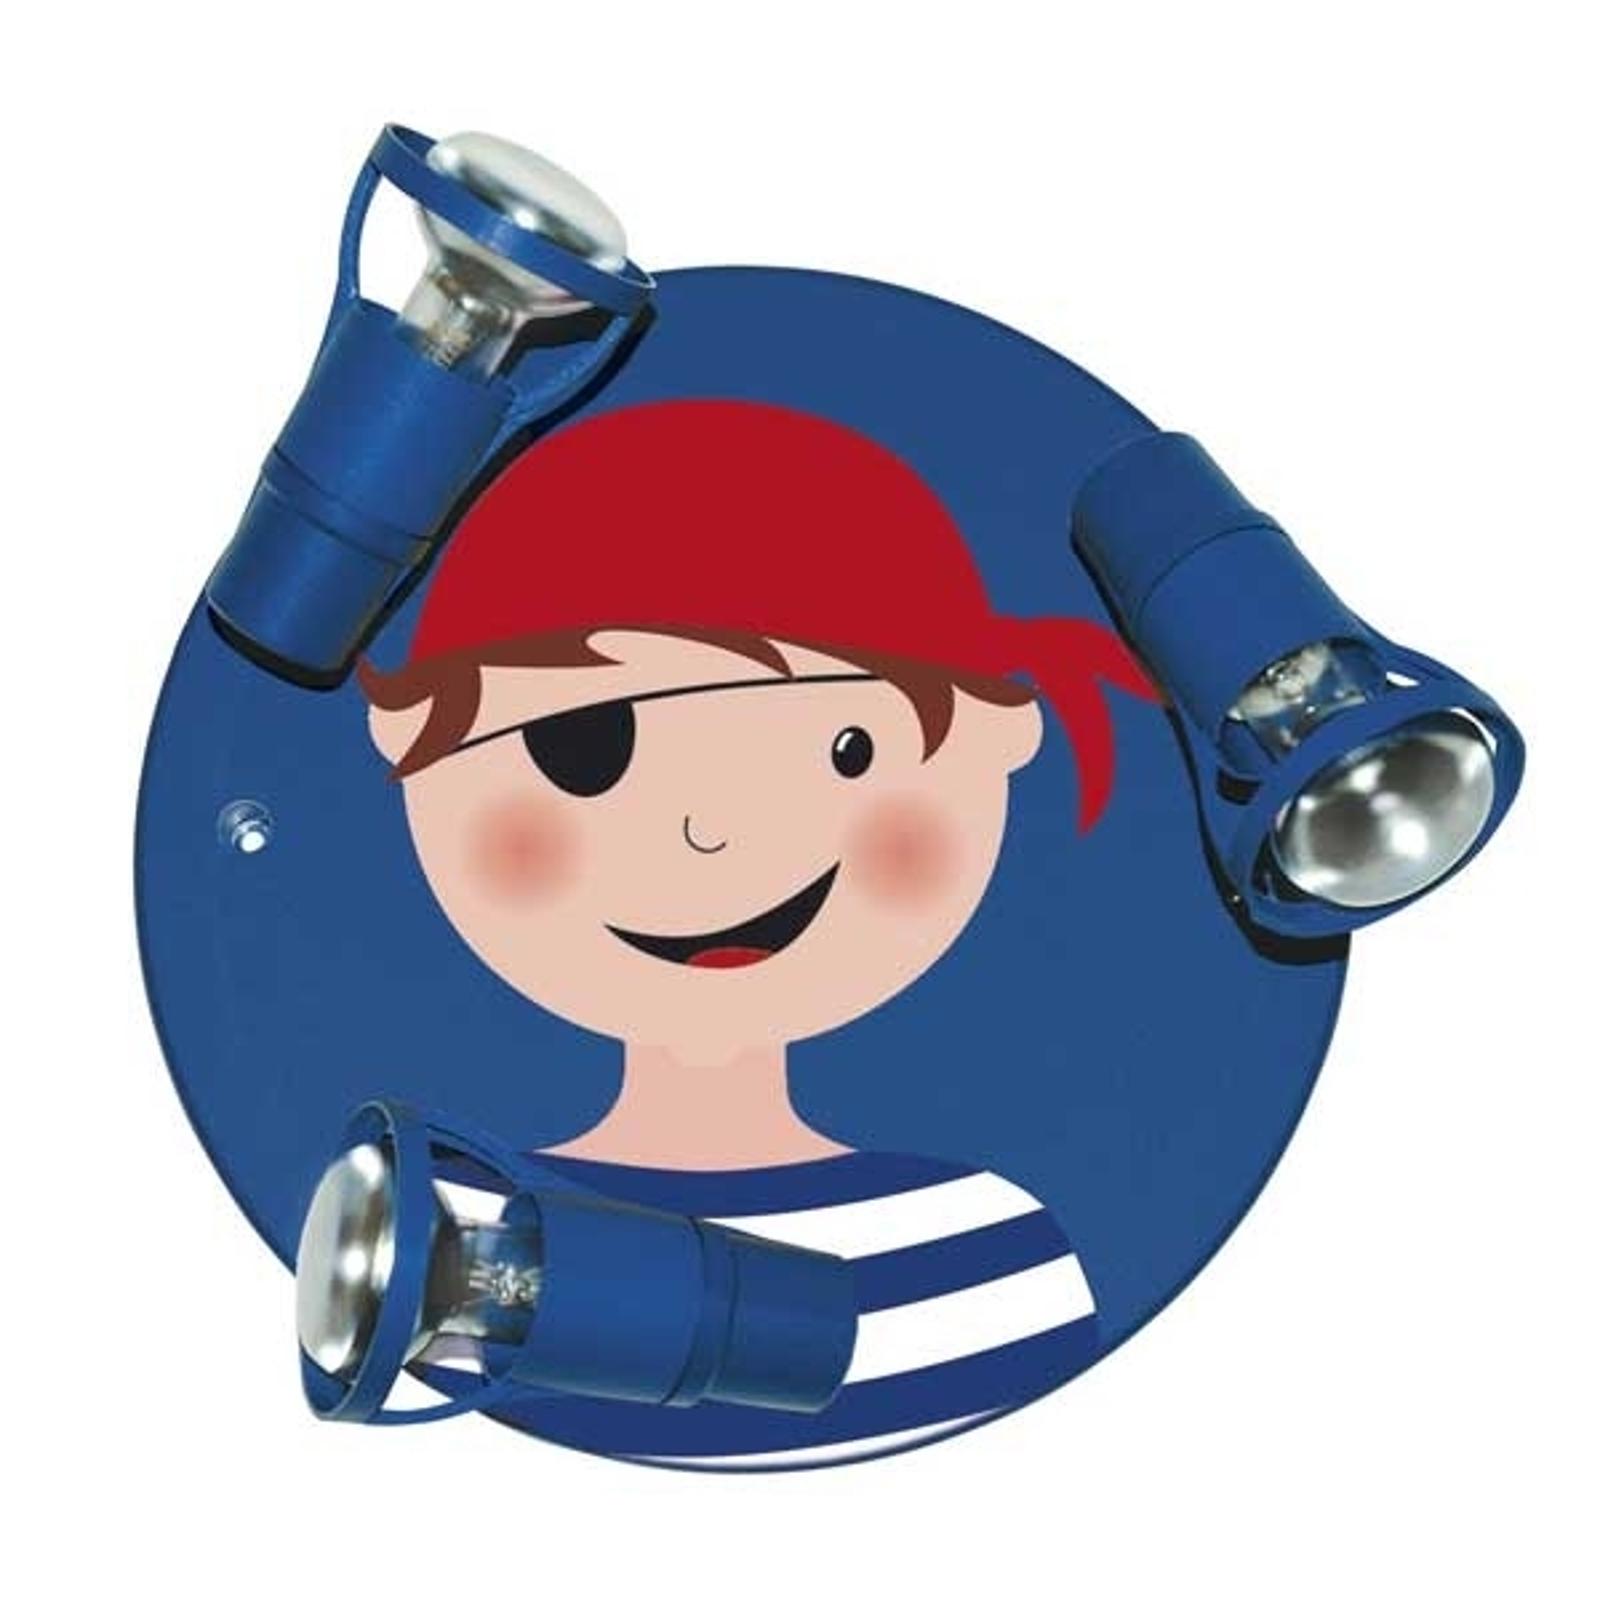 Deckenleuchte Pirat, Portrait für Kinder 3-flammig